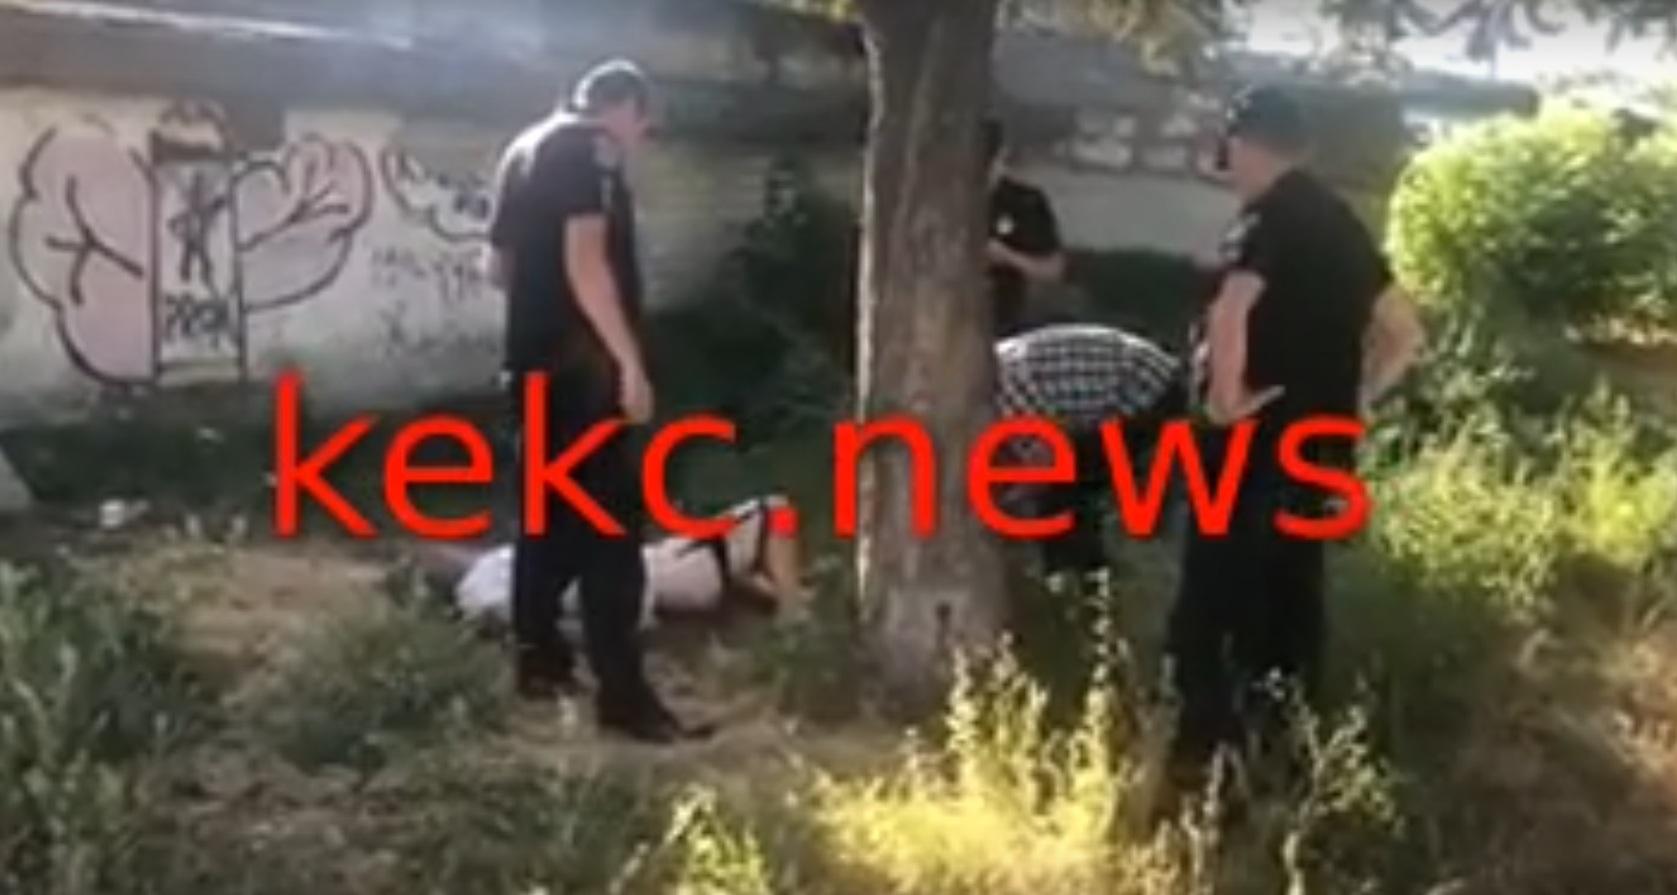 В центре Подольска нашли труп (ВИДЕО)